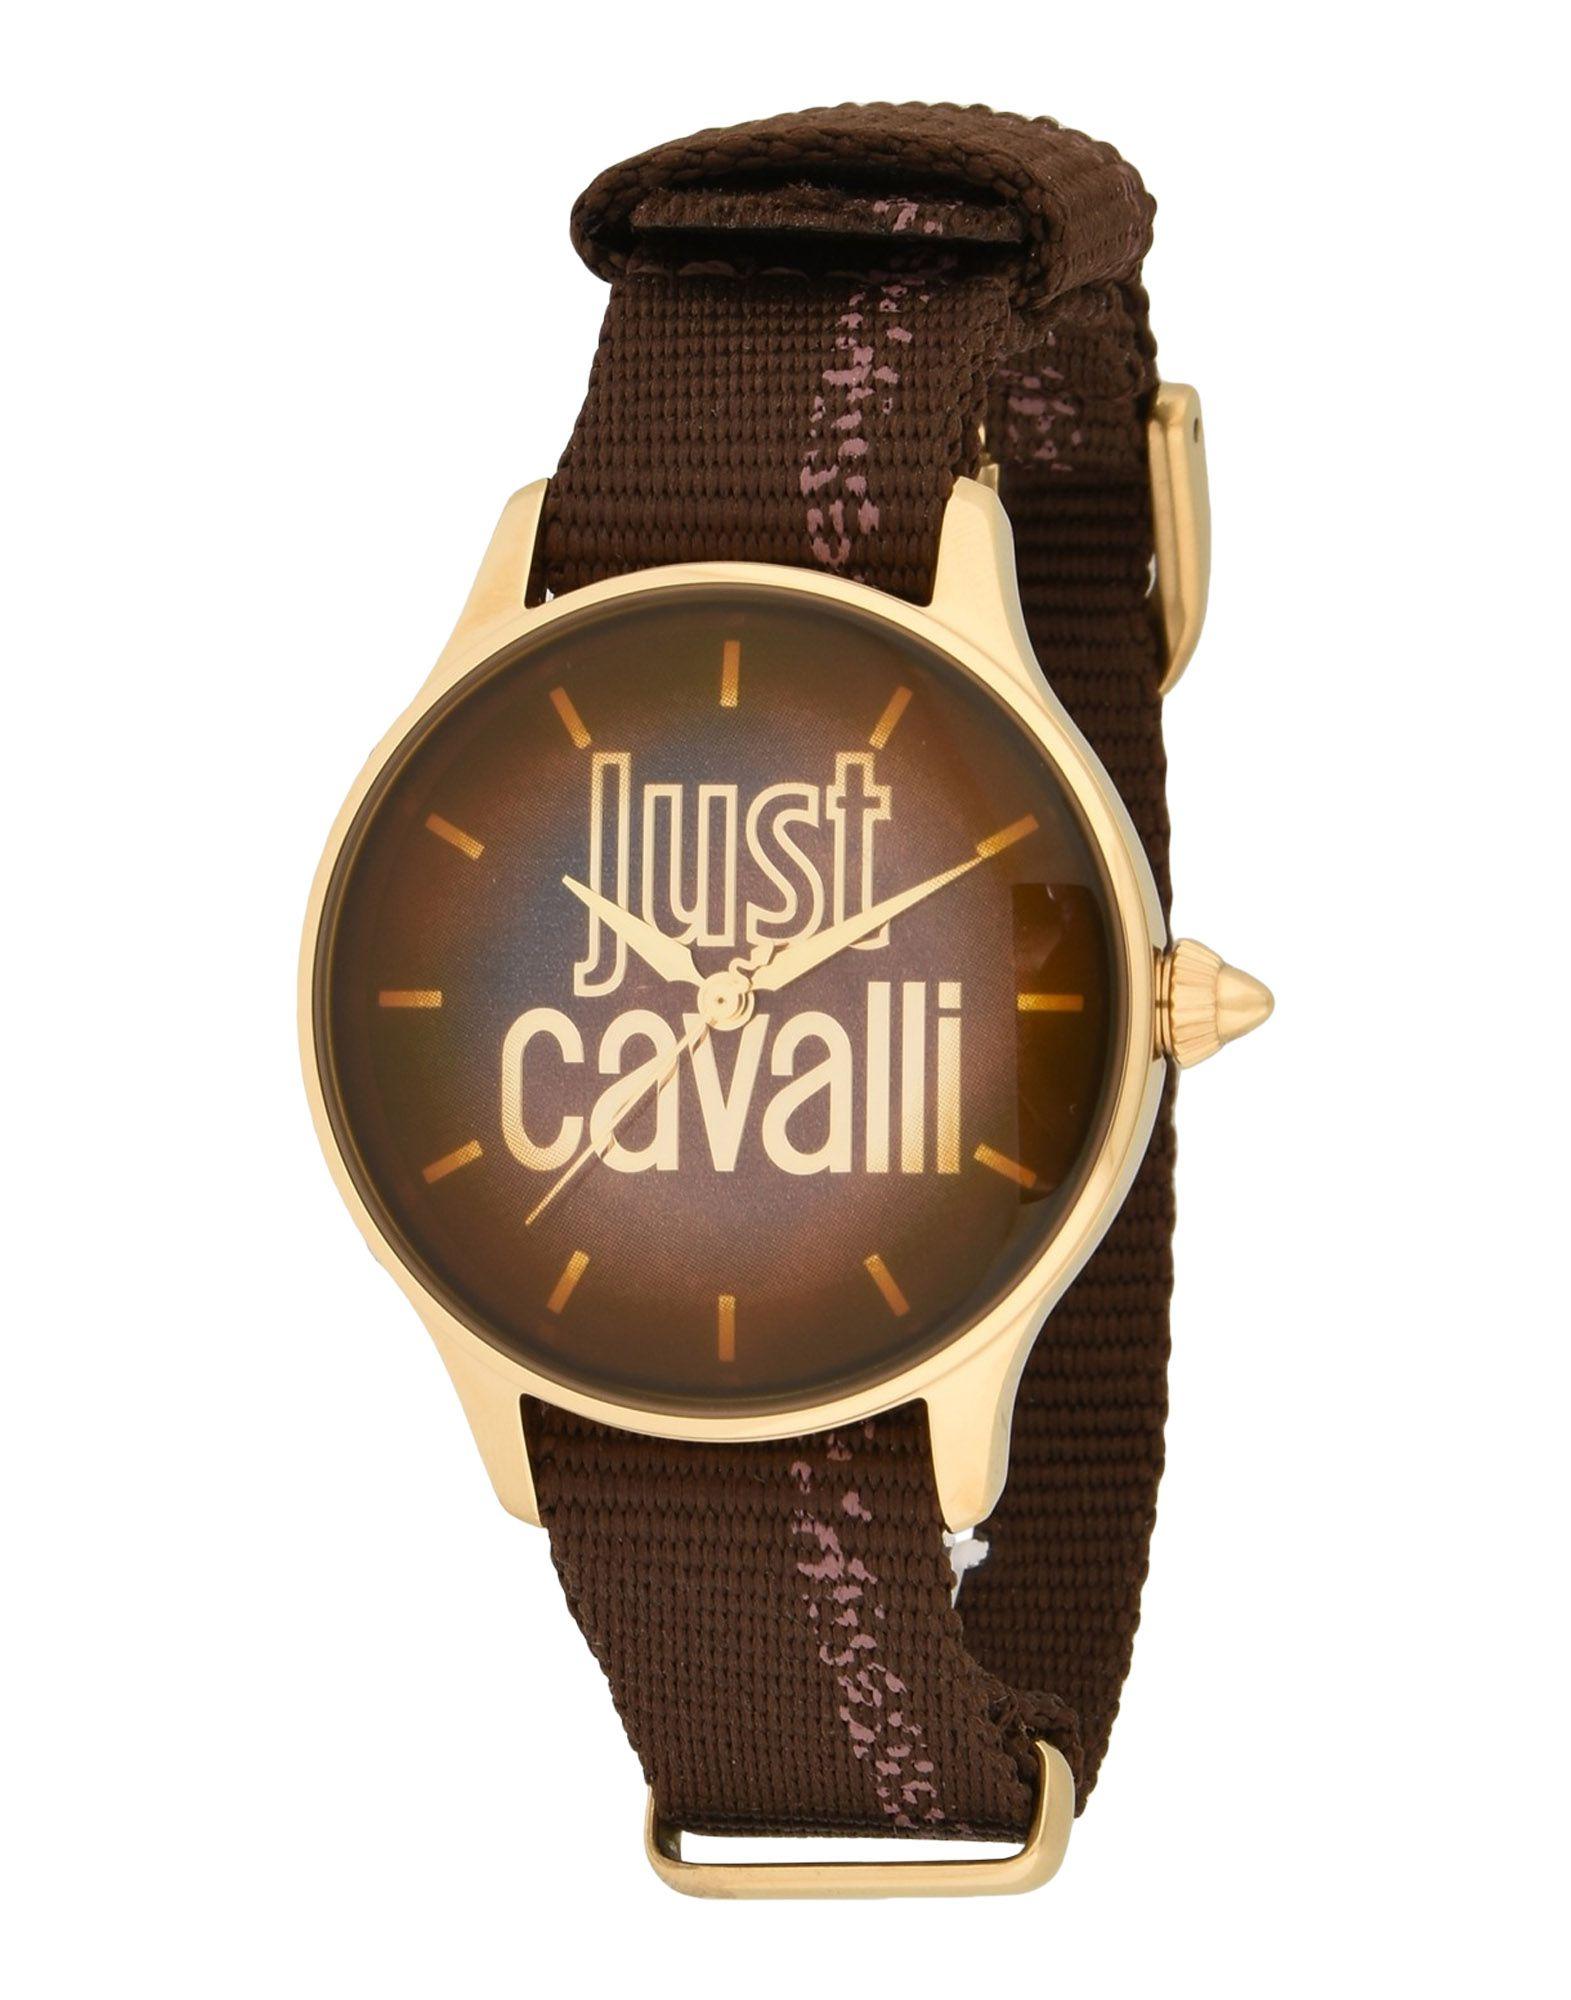 JUST CAVALLI Наручные часы часы just cavalli часы механические